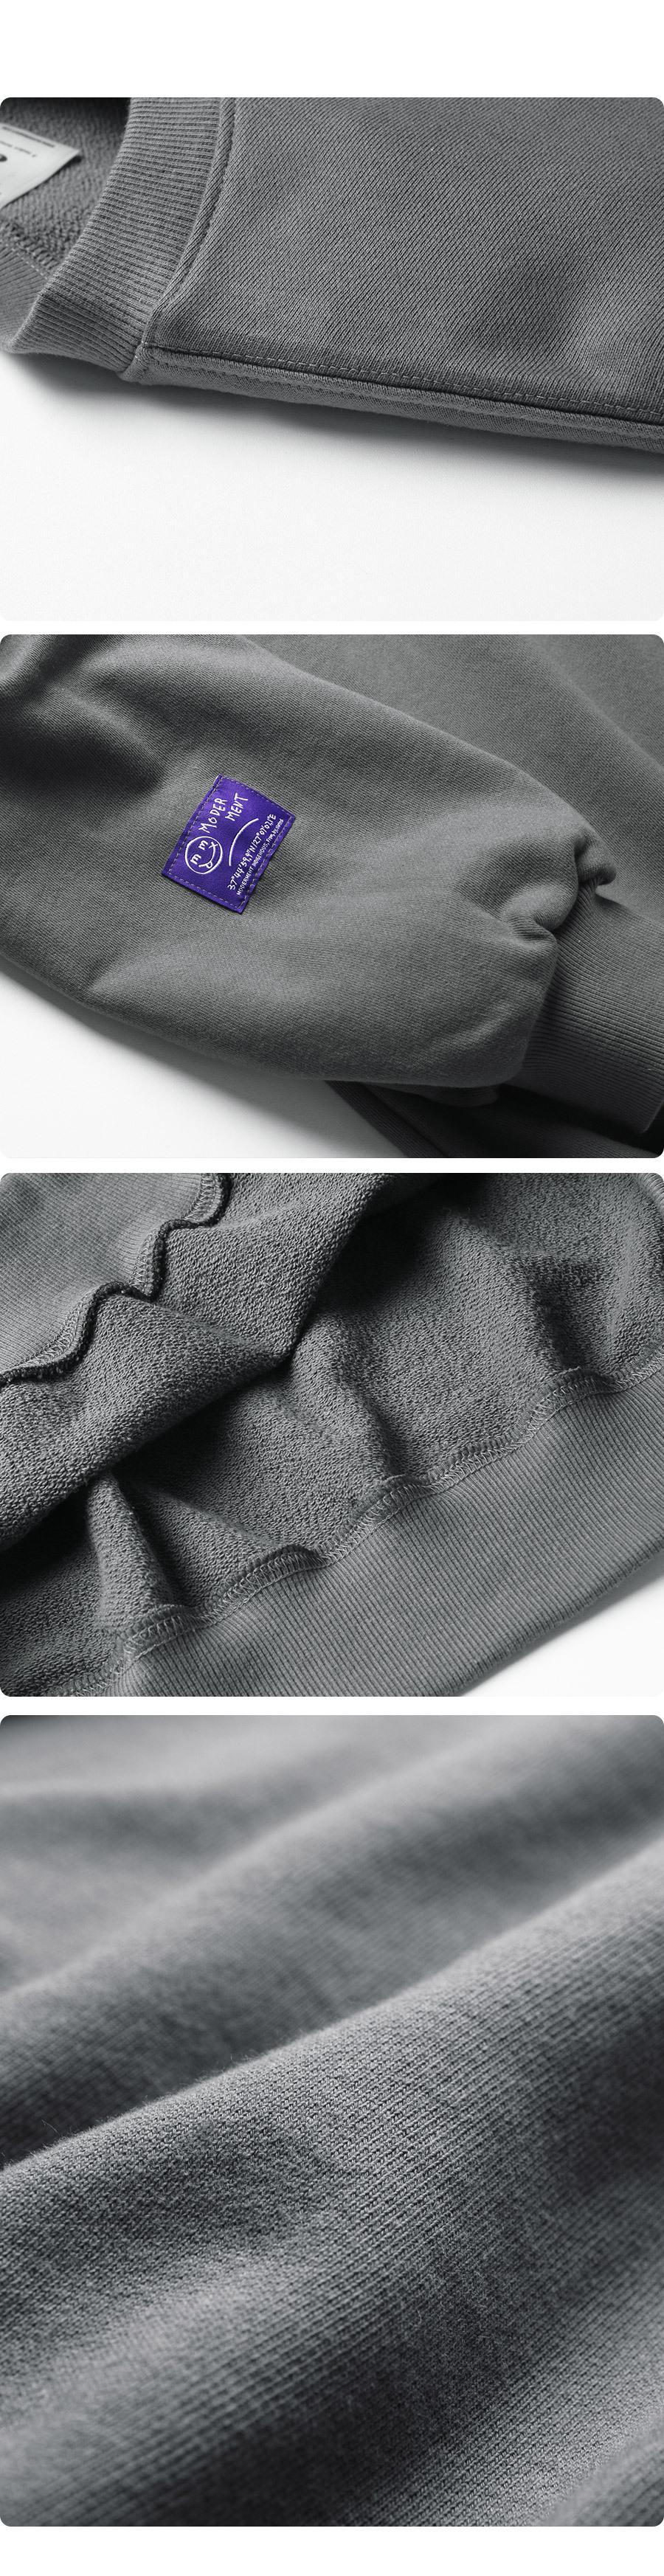 [패키지] 먼트 바이오워싱 맨투맨 2PACK